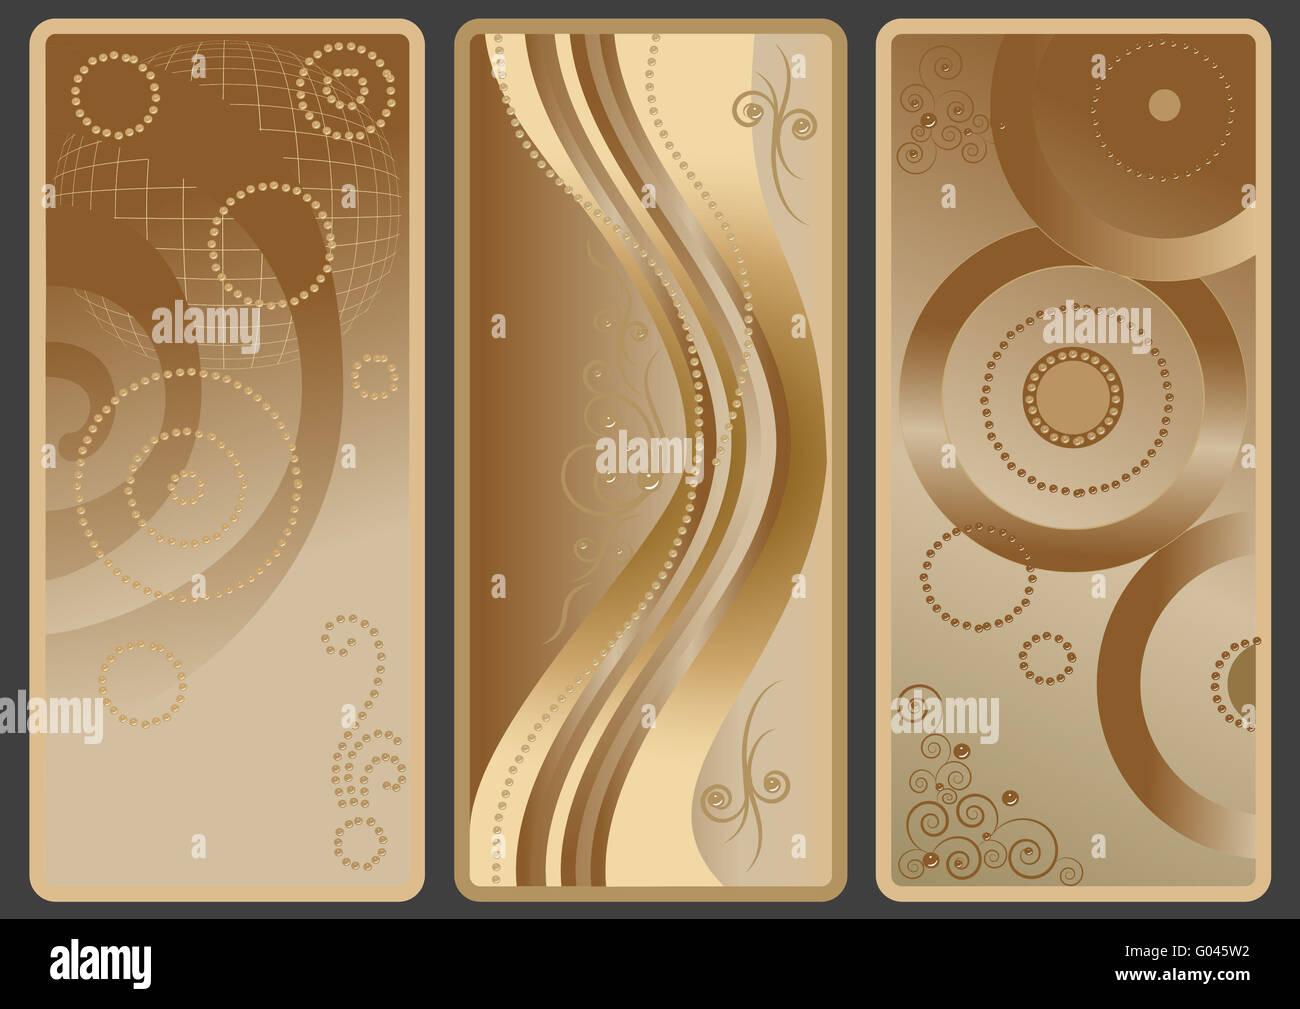 Varianti di background con nuance di colore marrone. Immagini Stock